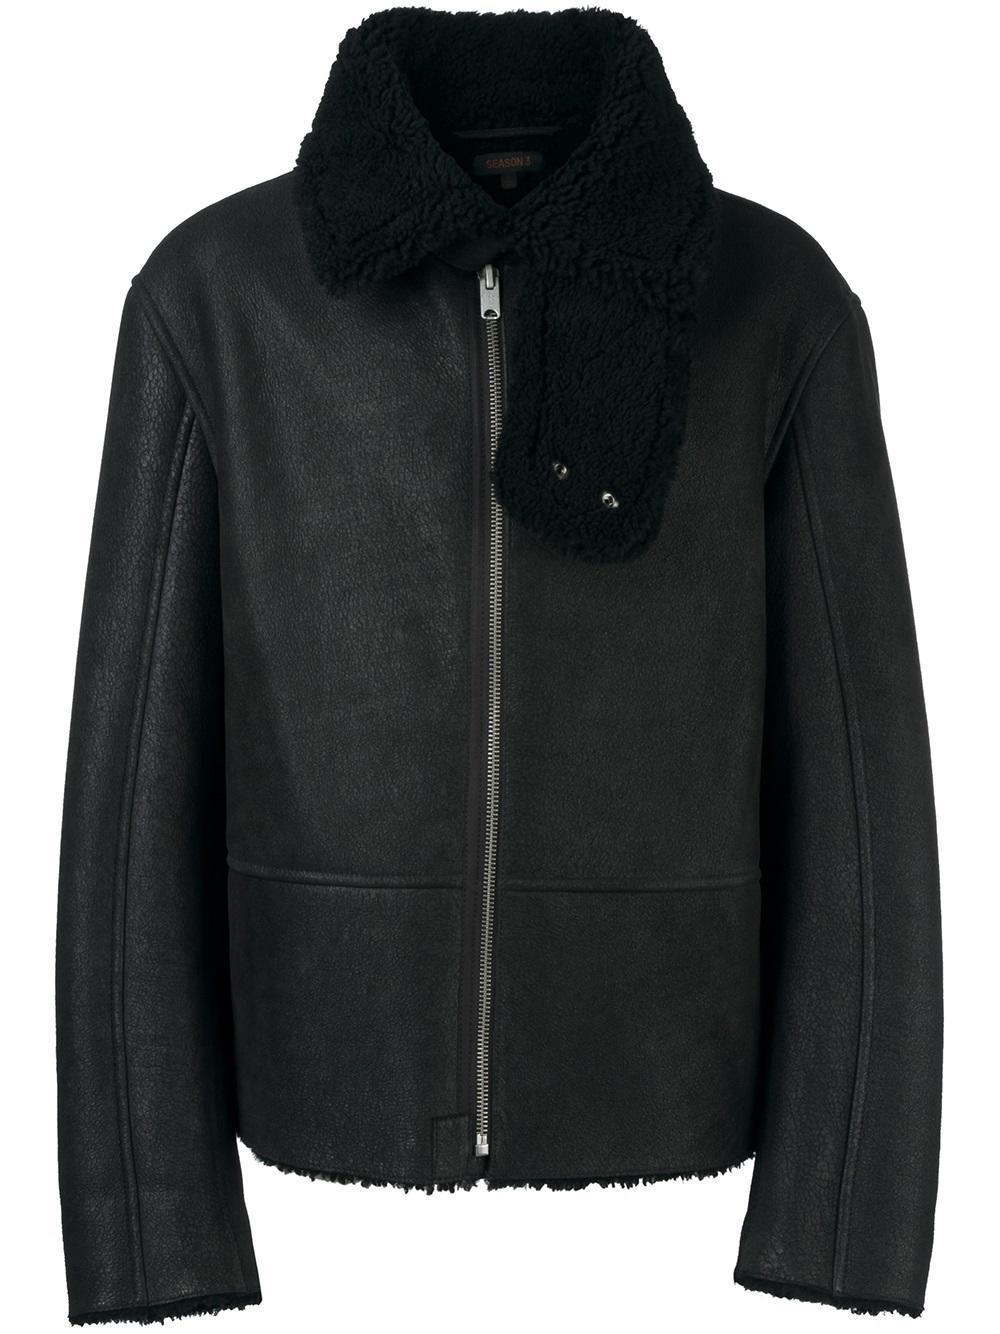 Lyst Yeezy Season 3 Flight Jacket In Black For Men